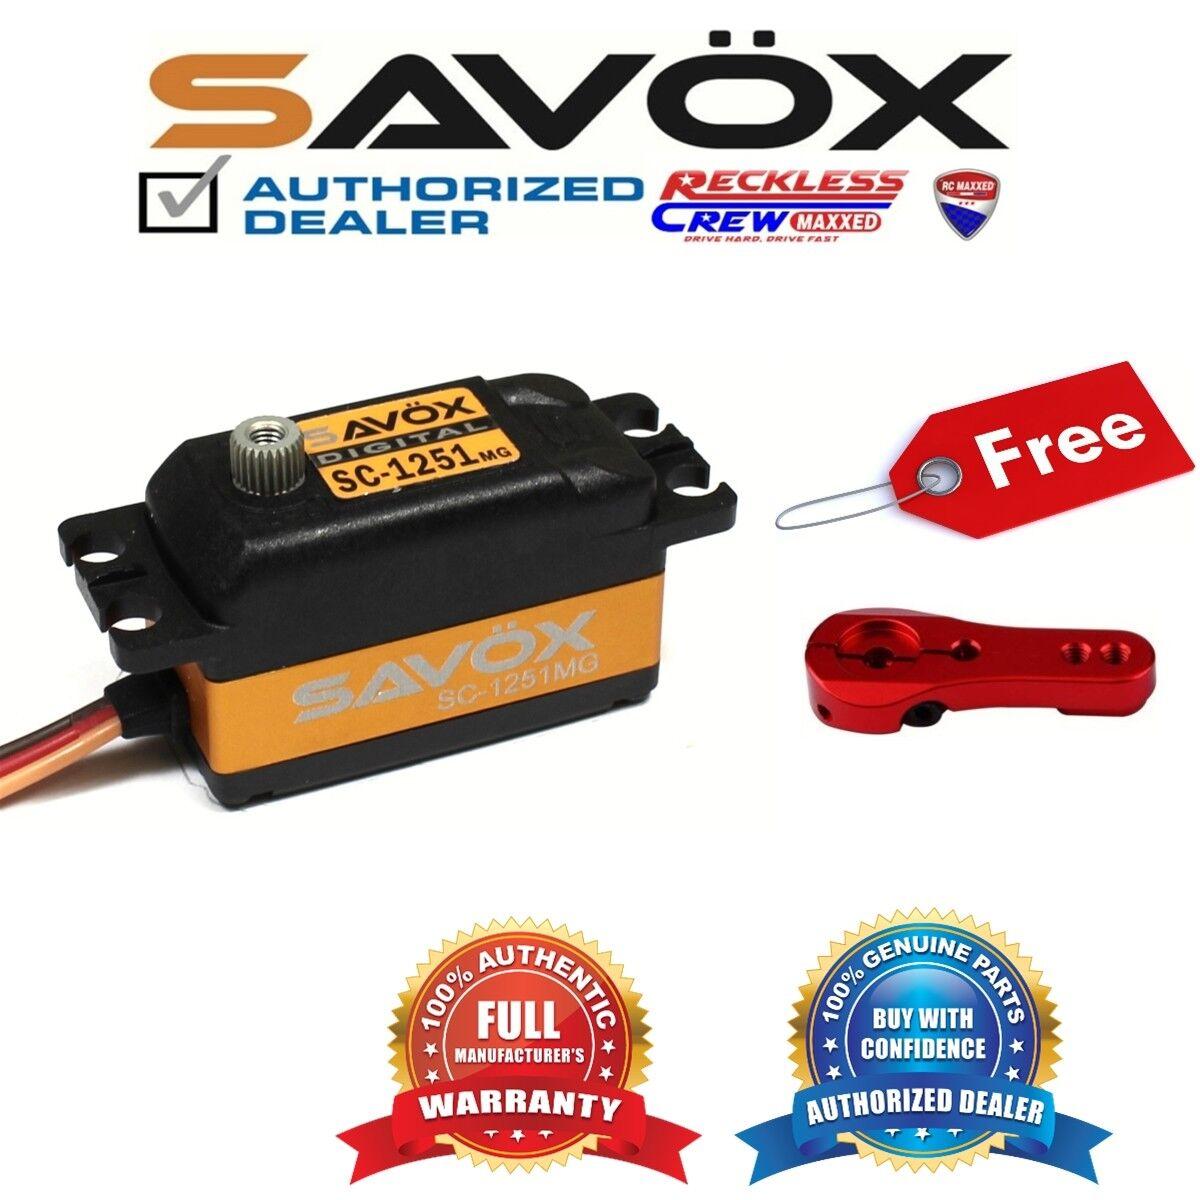 Savox SC-1251MG de alta velocidad de bajo perfil Servo + Gratis Aluminio Servo Cuerno Rojo